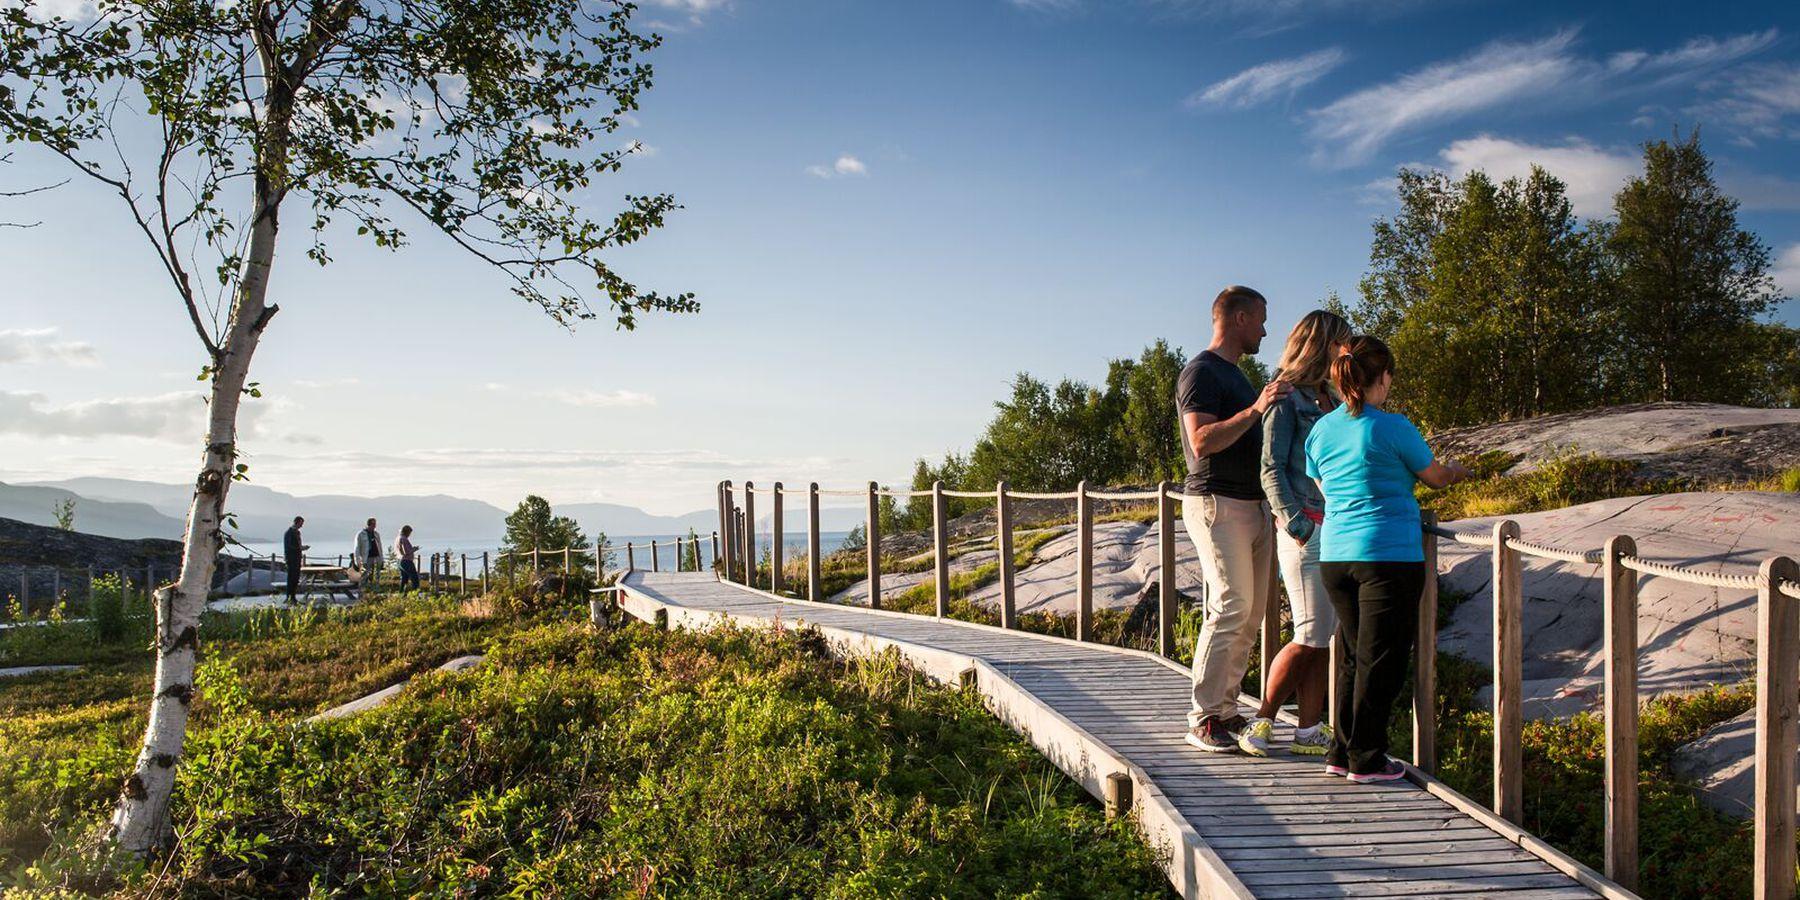 Alta - Doets Reizen - Vakantie Noorwegen - Credits VisitNorway.com